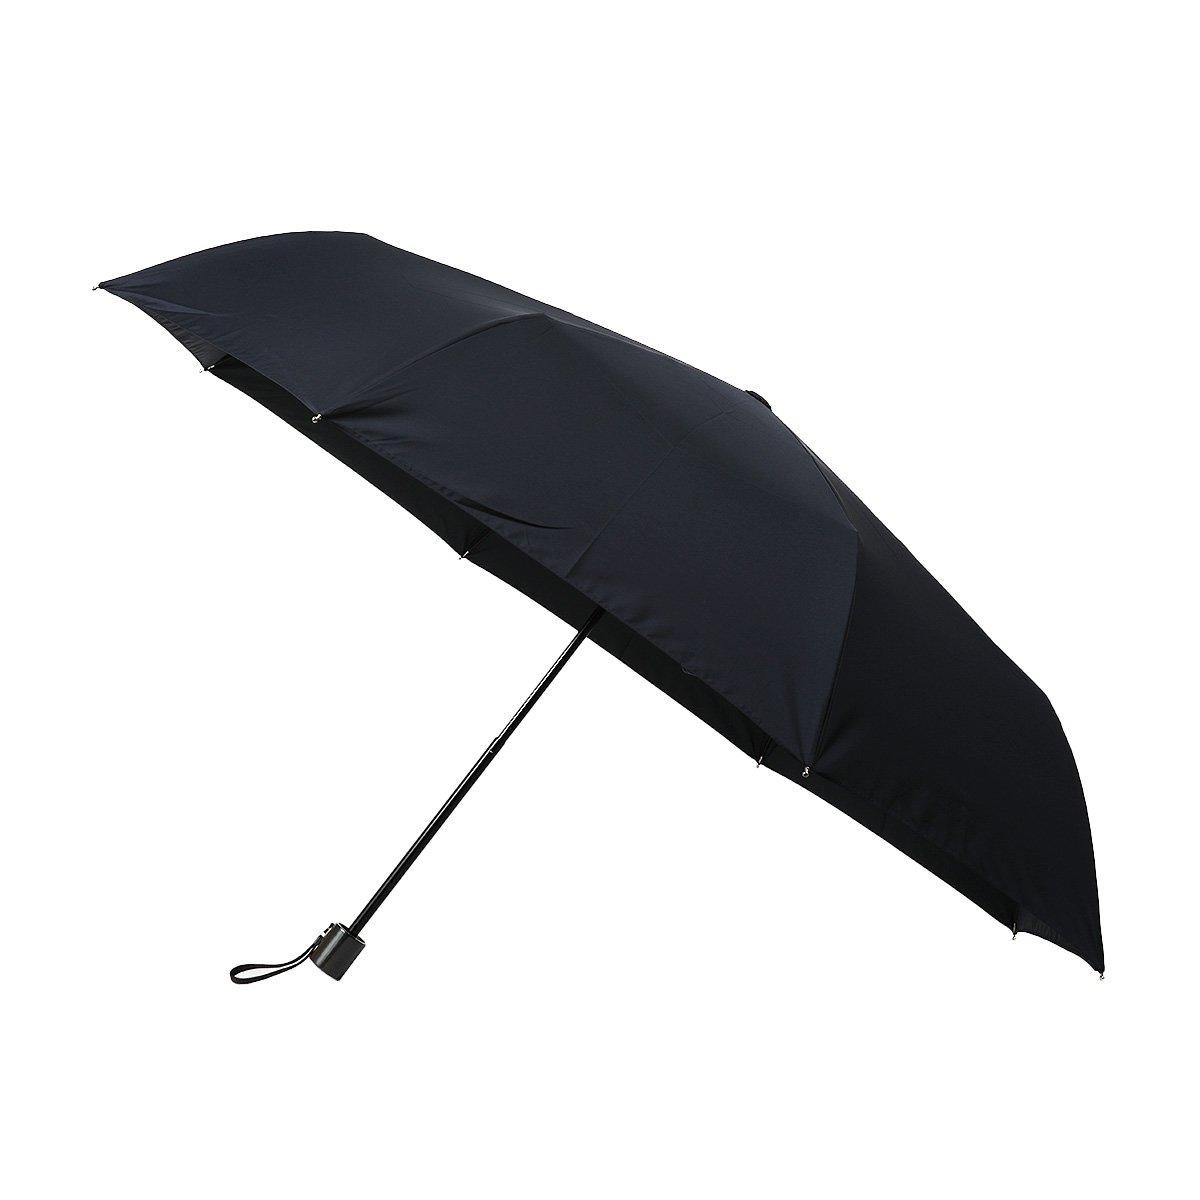 【公式限定】強力撥水 レインドロップ レクタス 耐風骨 折りたたみ傘 詳細画像6